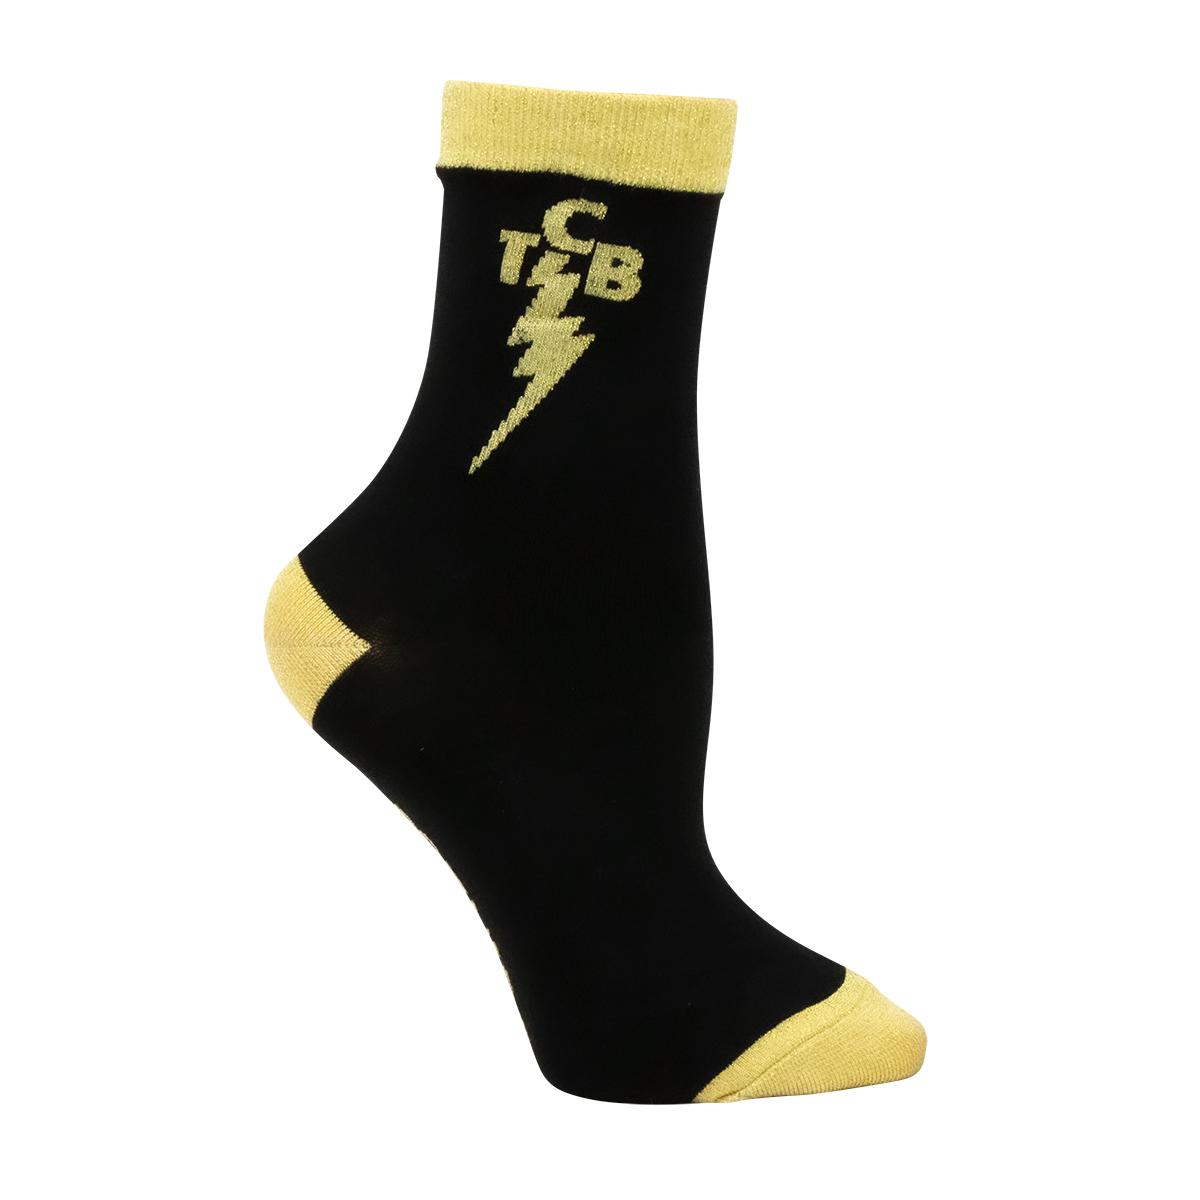 Elvis Presley - TCB Socks